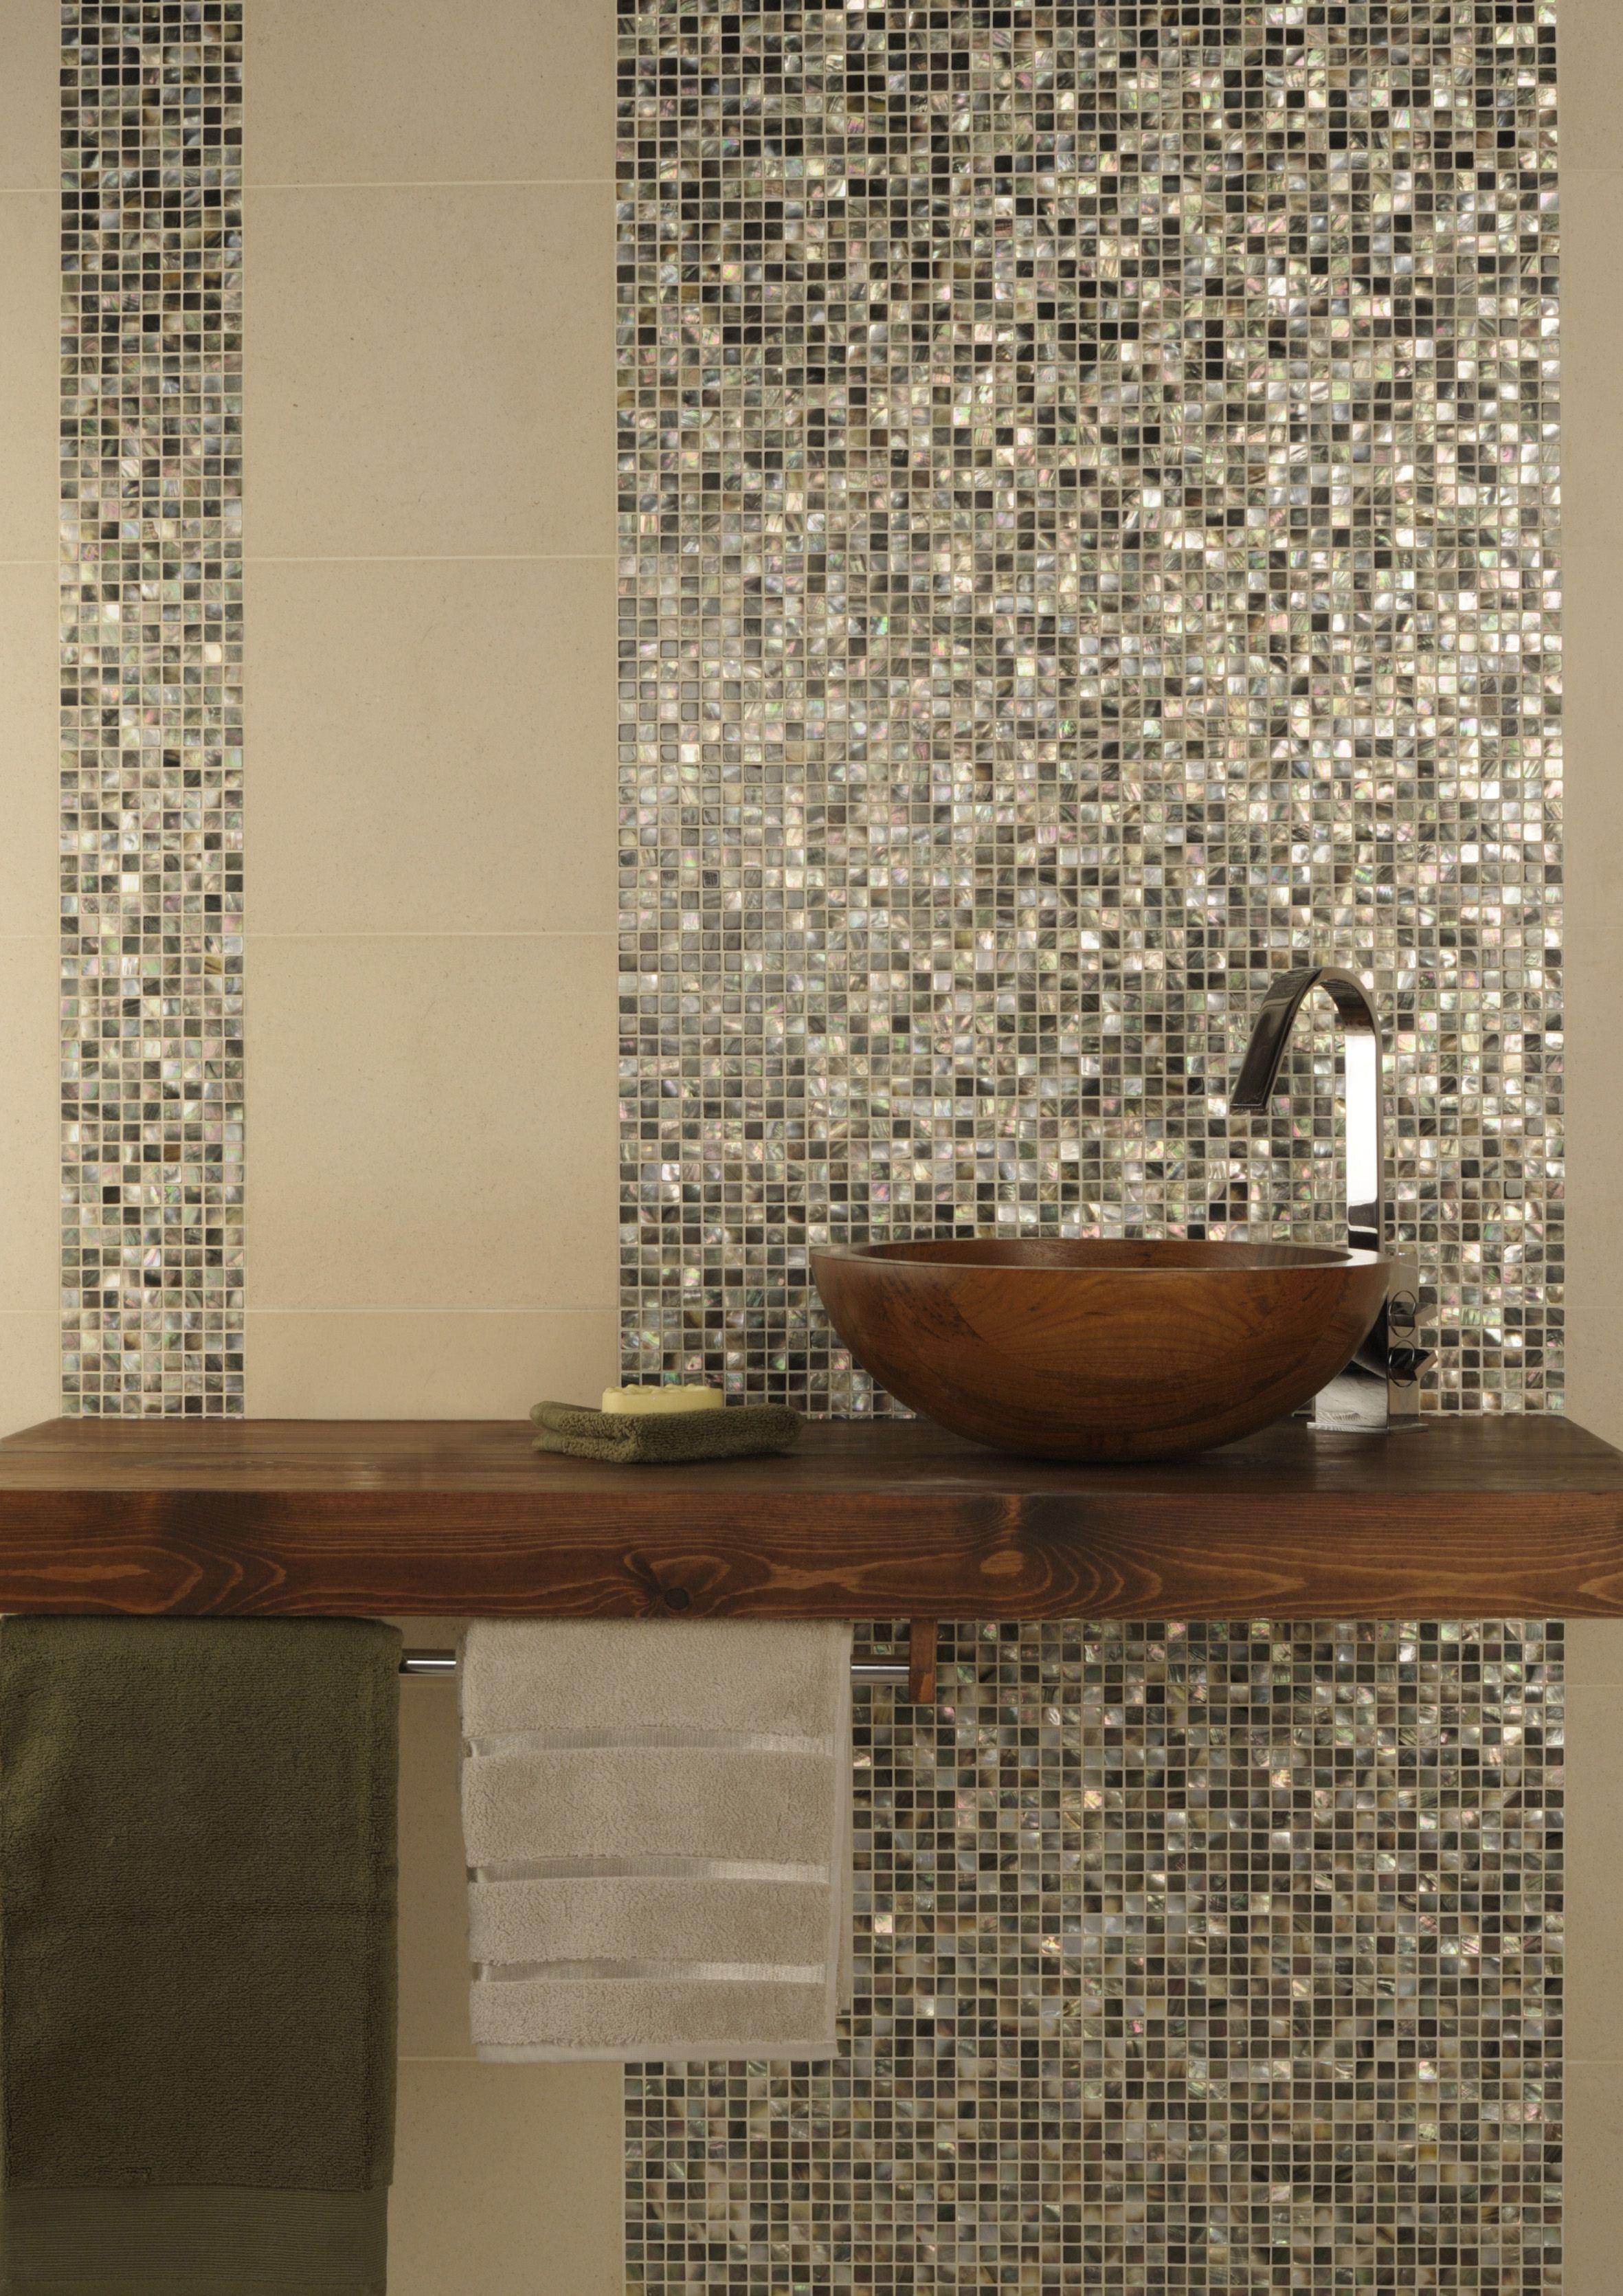 Original Style_Mosaics_GW-PARMOS Mother of Pearl no mirror - .jpg